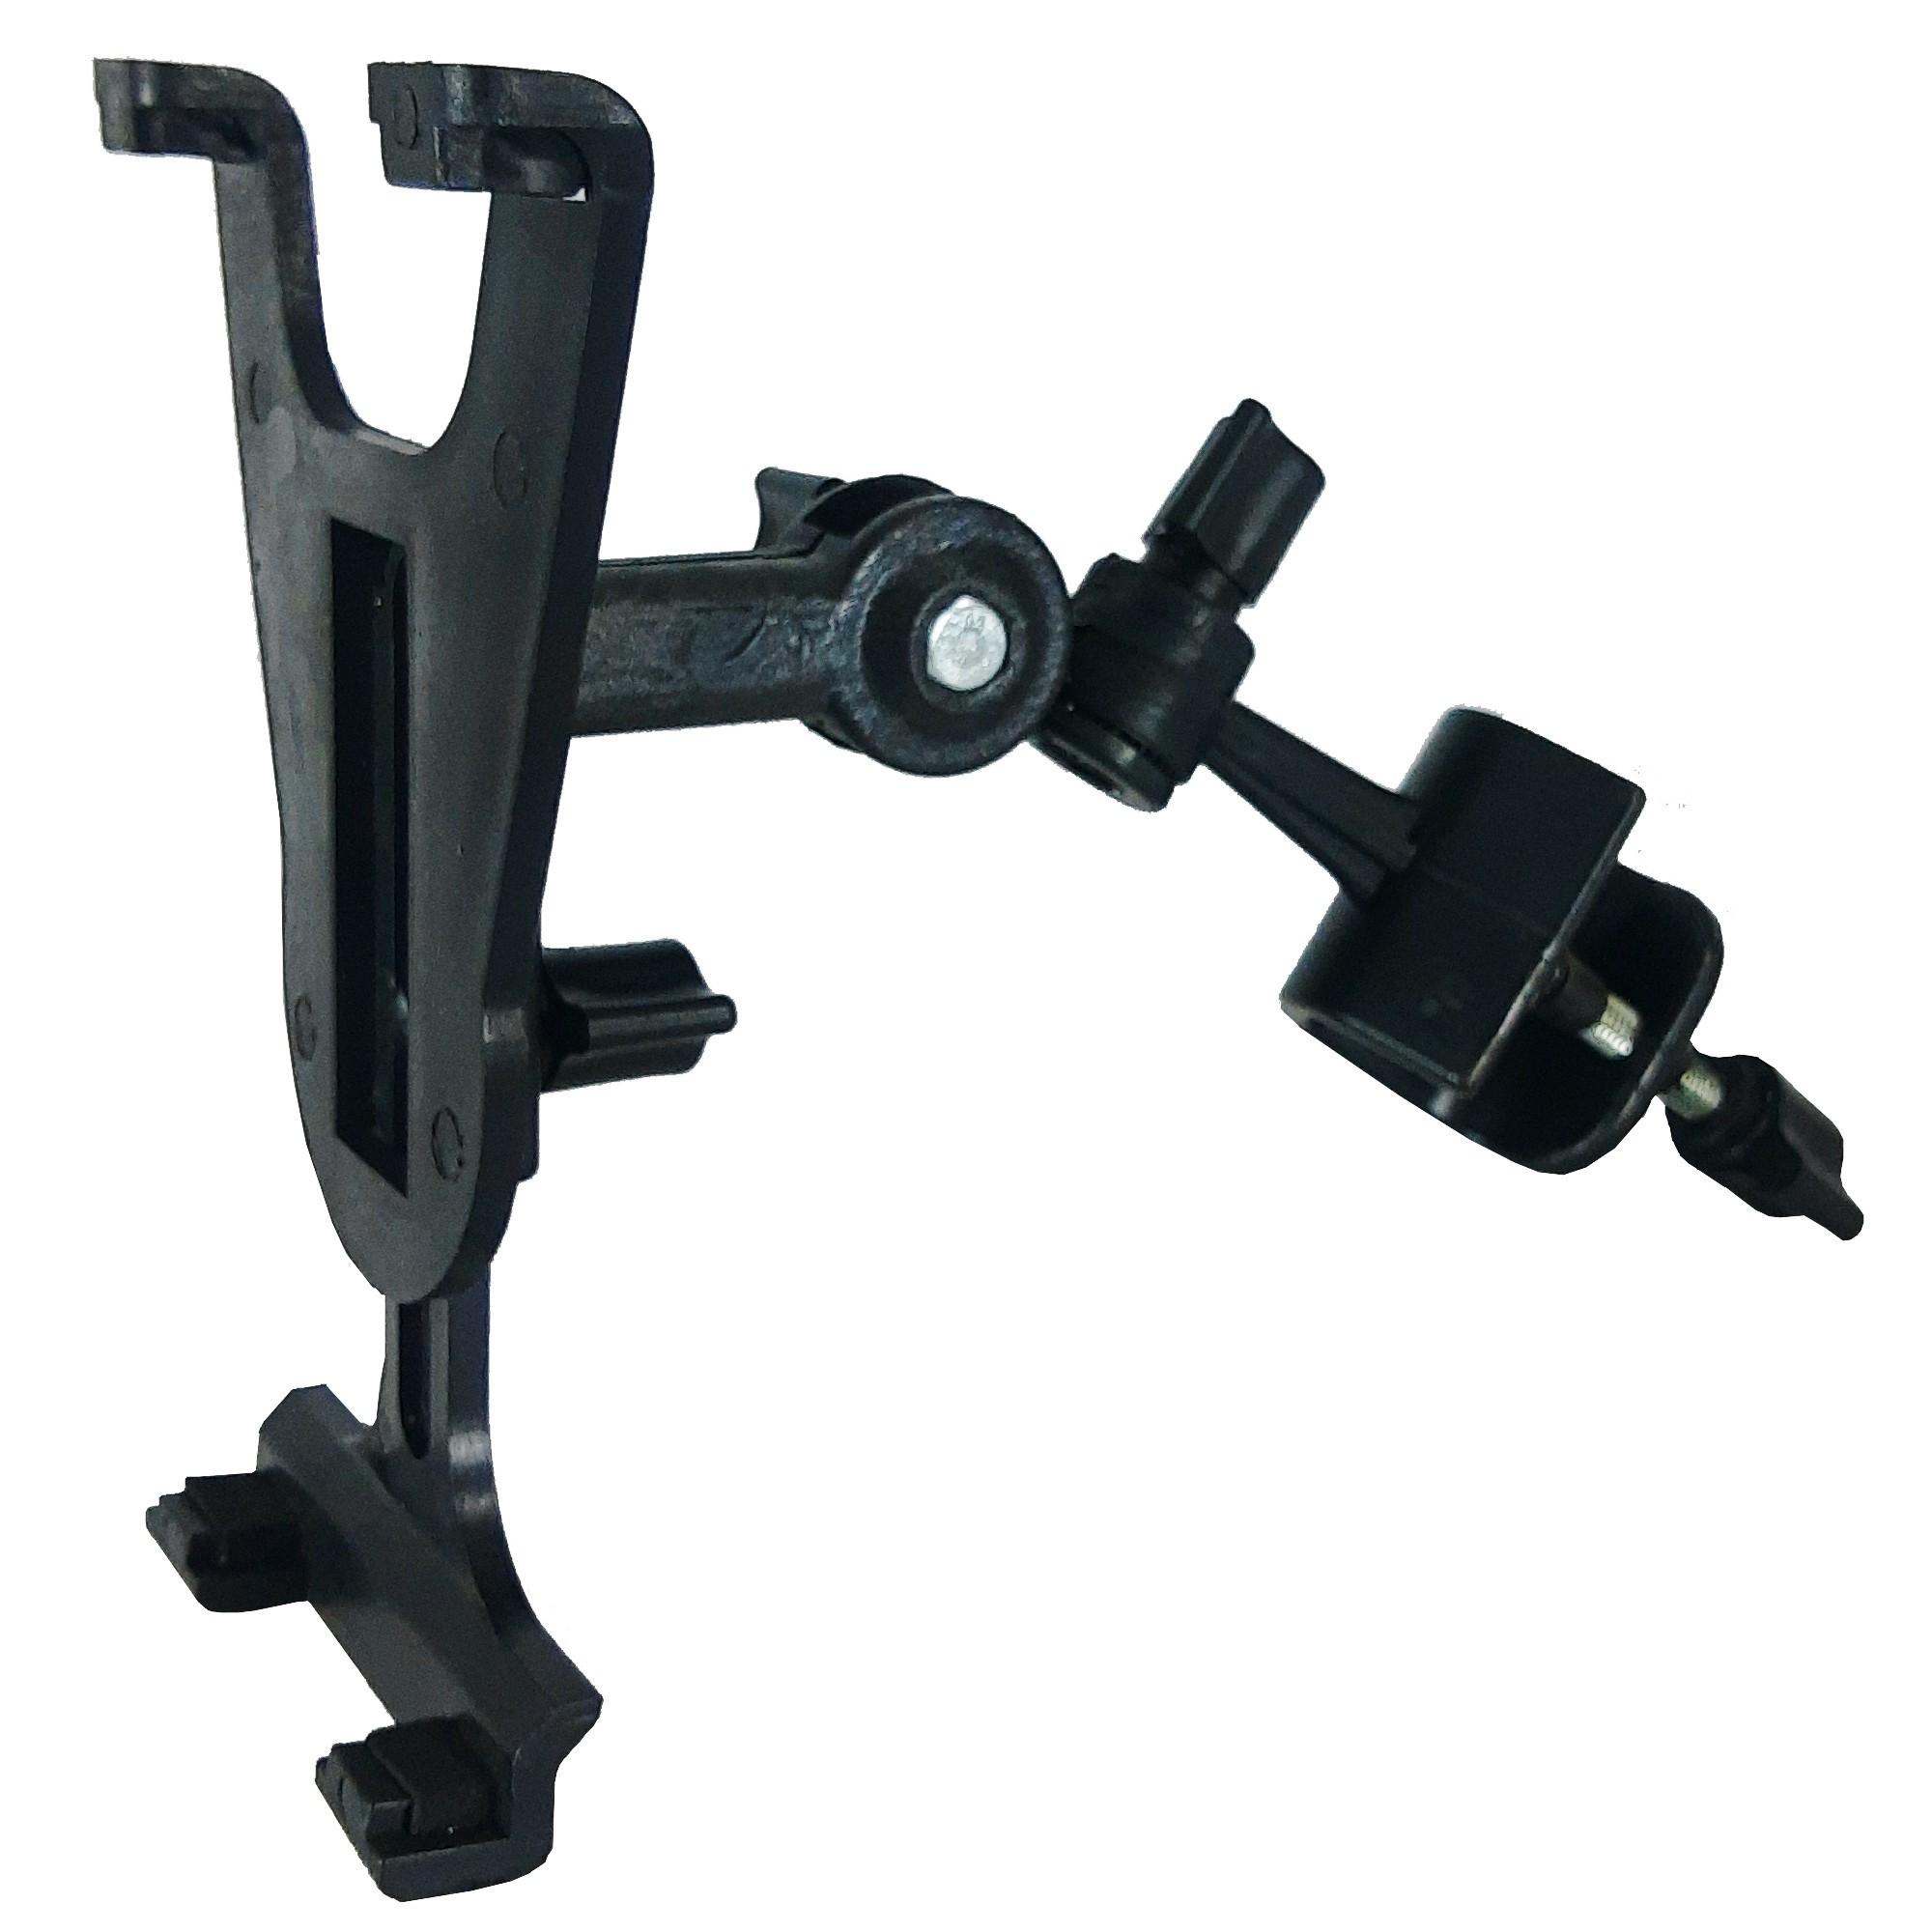 Suporte De Tablet/Ipad Para Pedestal Vector Ipad10